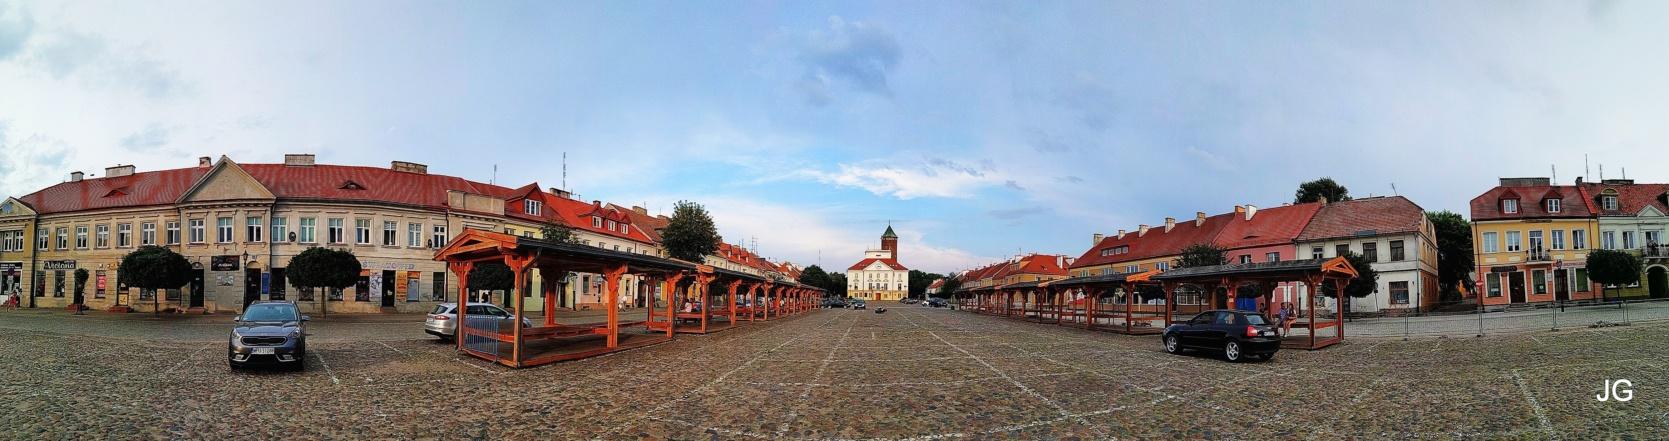 rynek Pułtusk foto Joanna Gregorczyk